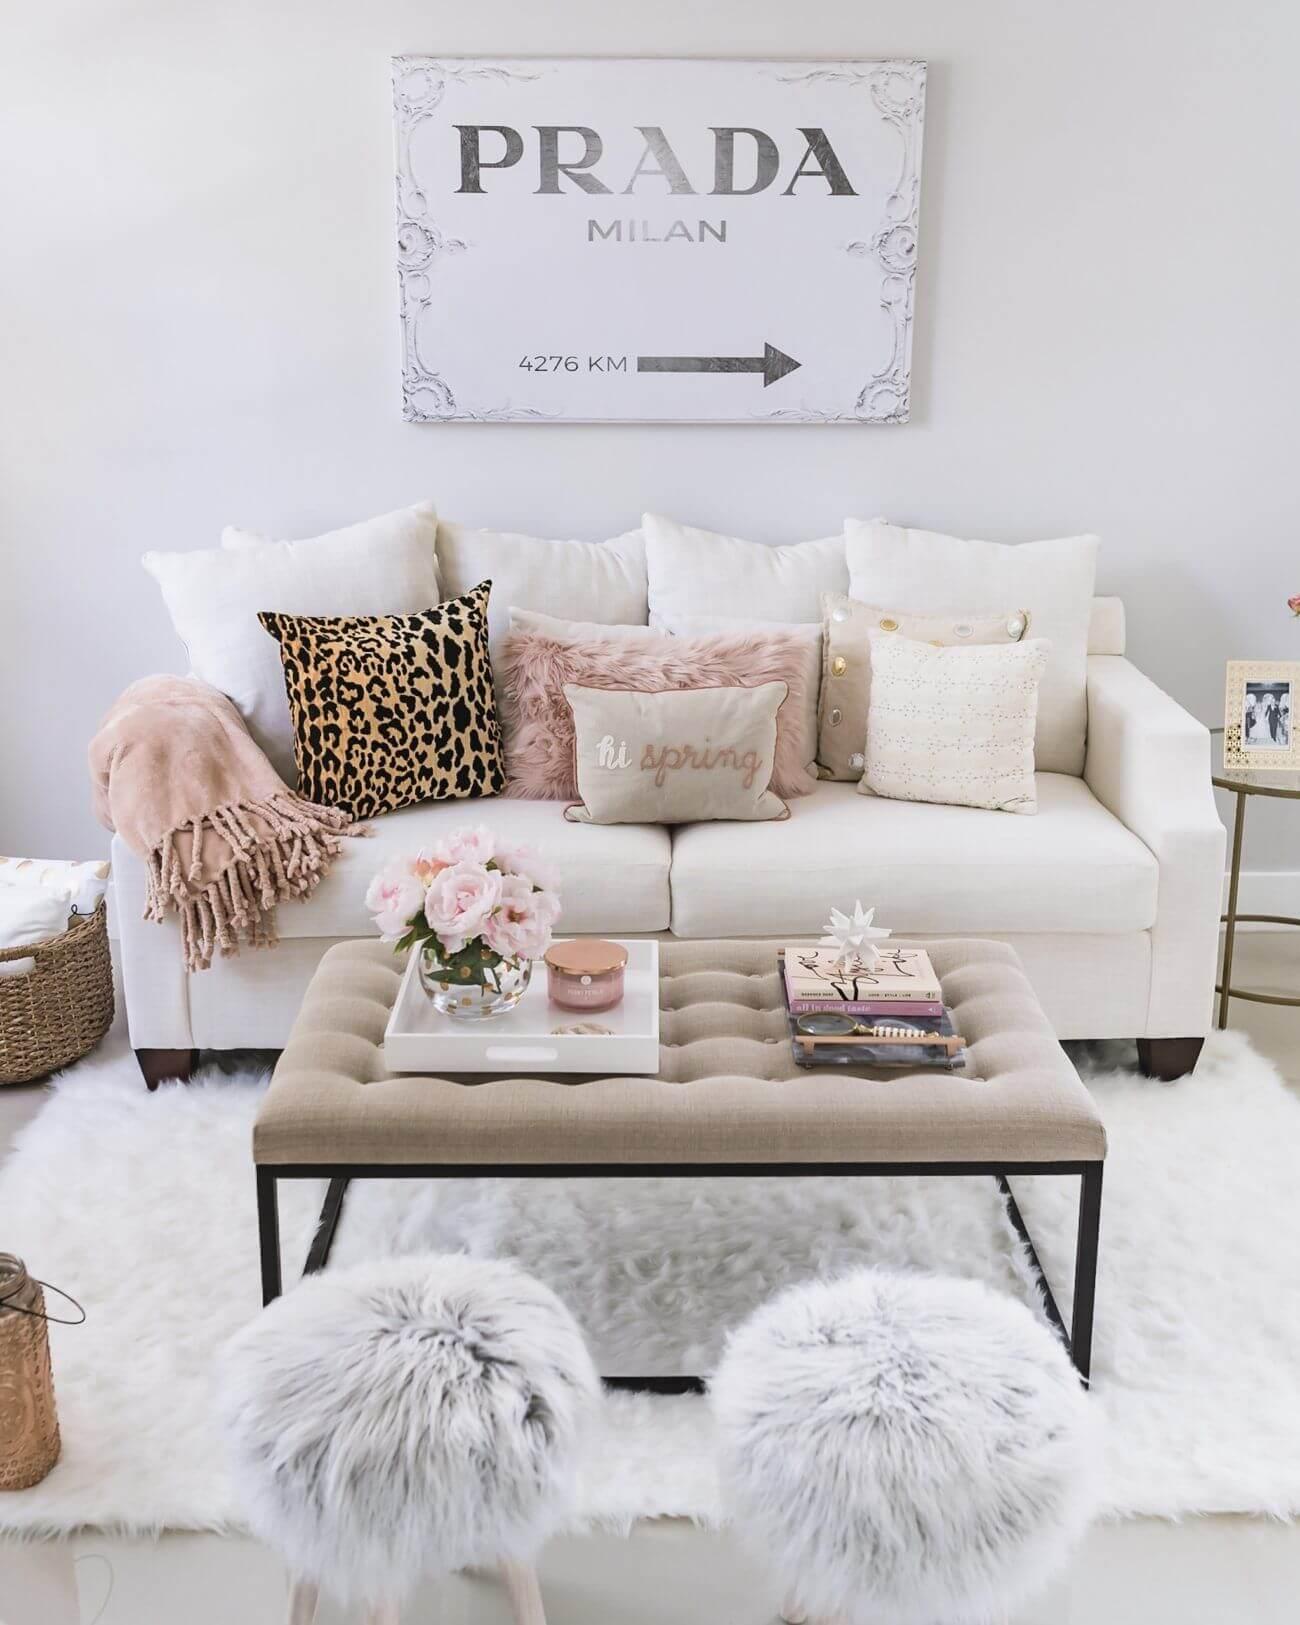 Apartment Small Living Room Wall Decor Ideas Novocom Top